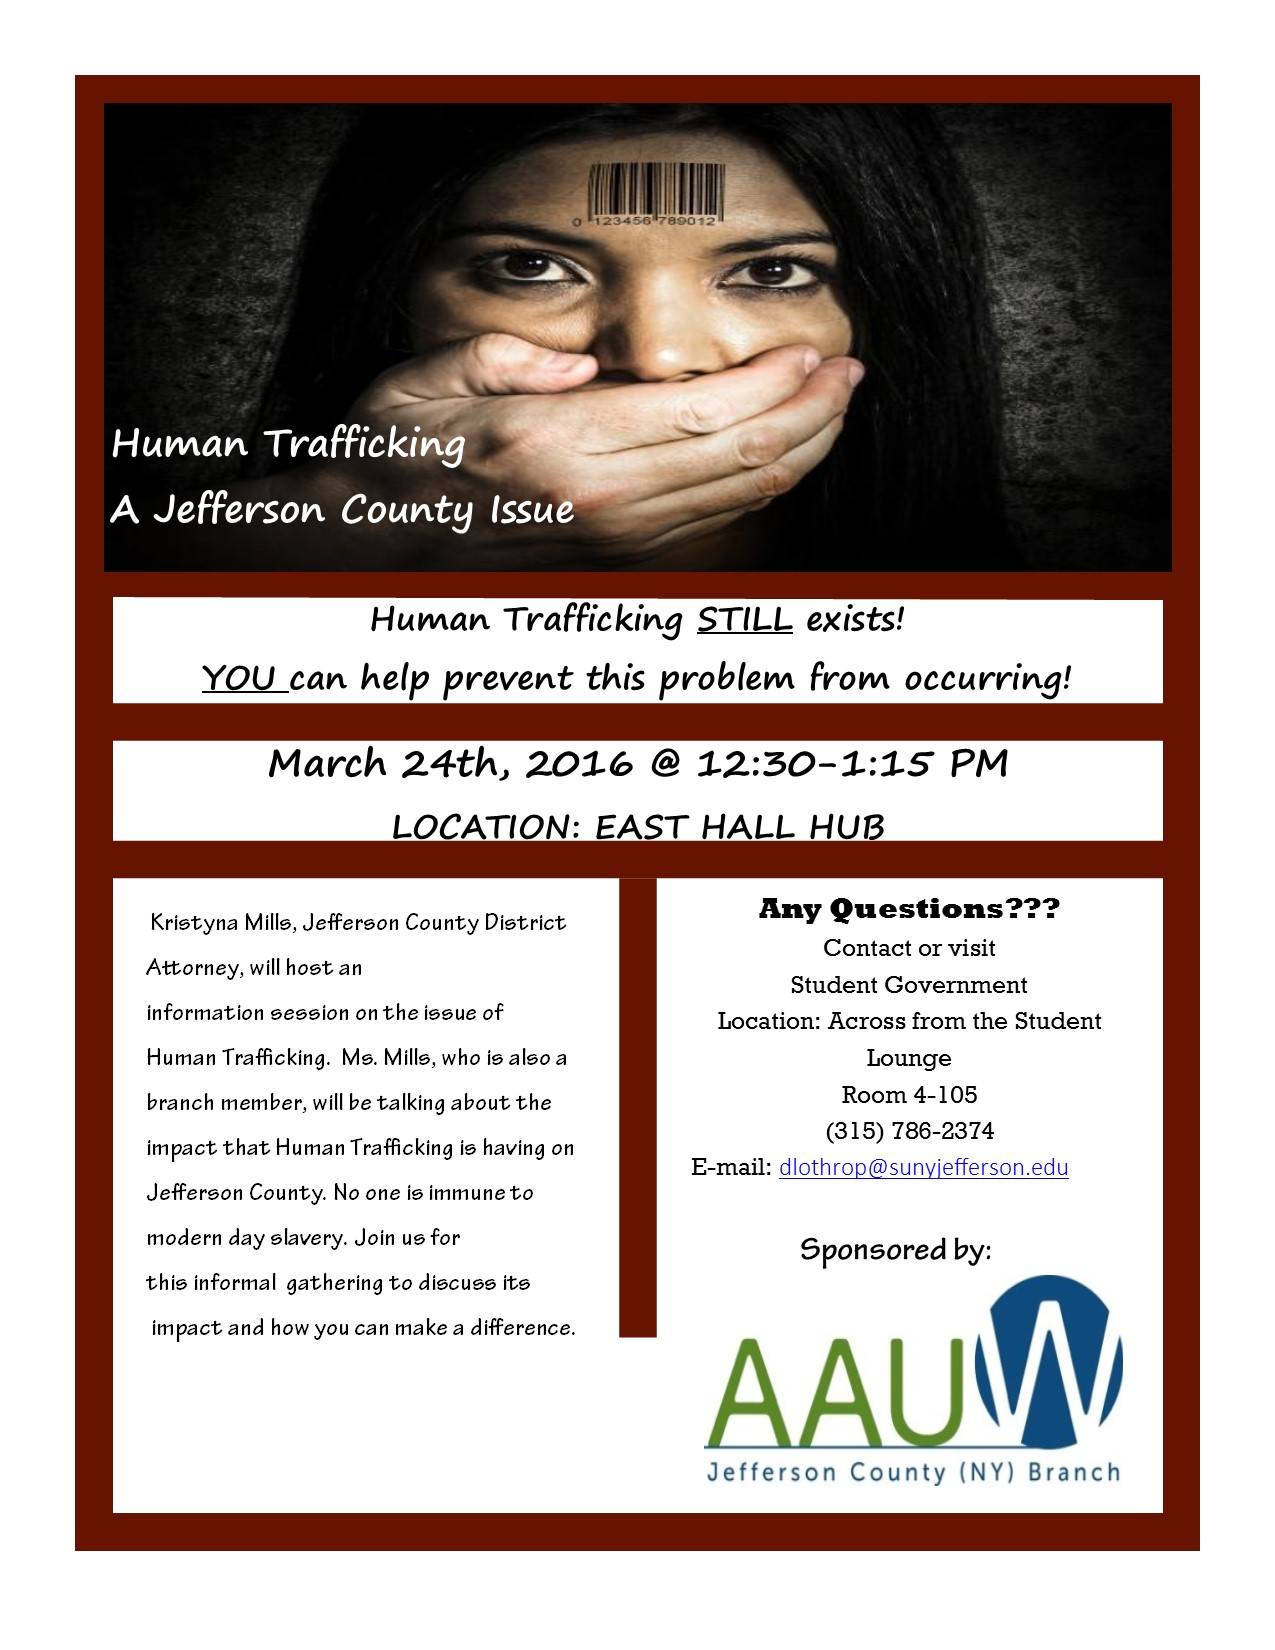 Human Trafficking in Jefferson County | AAUW Jefferson